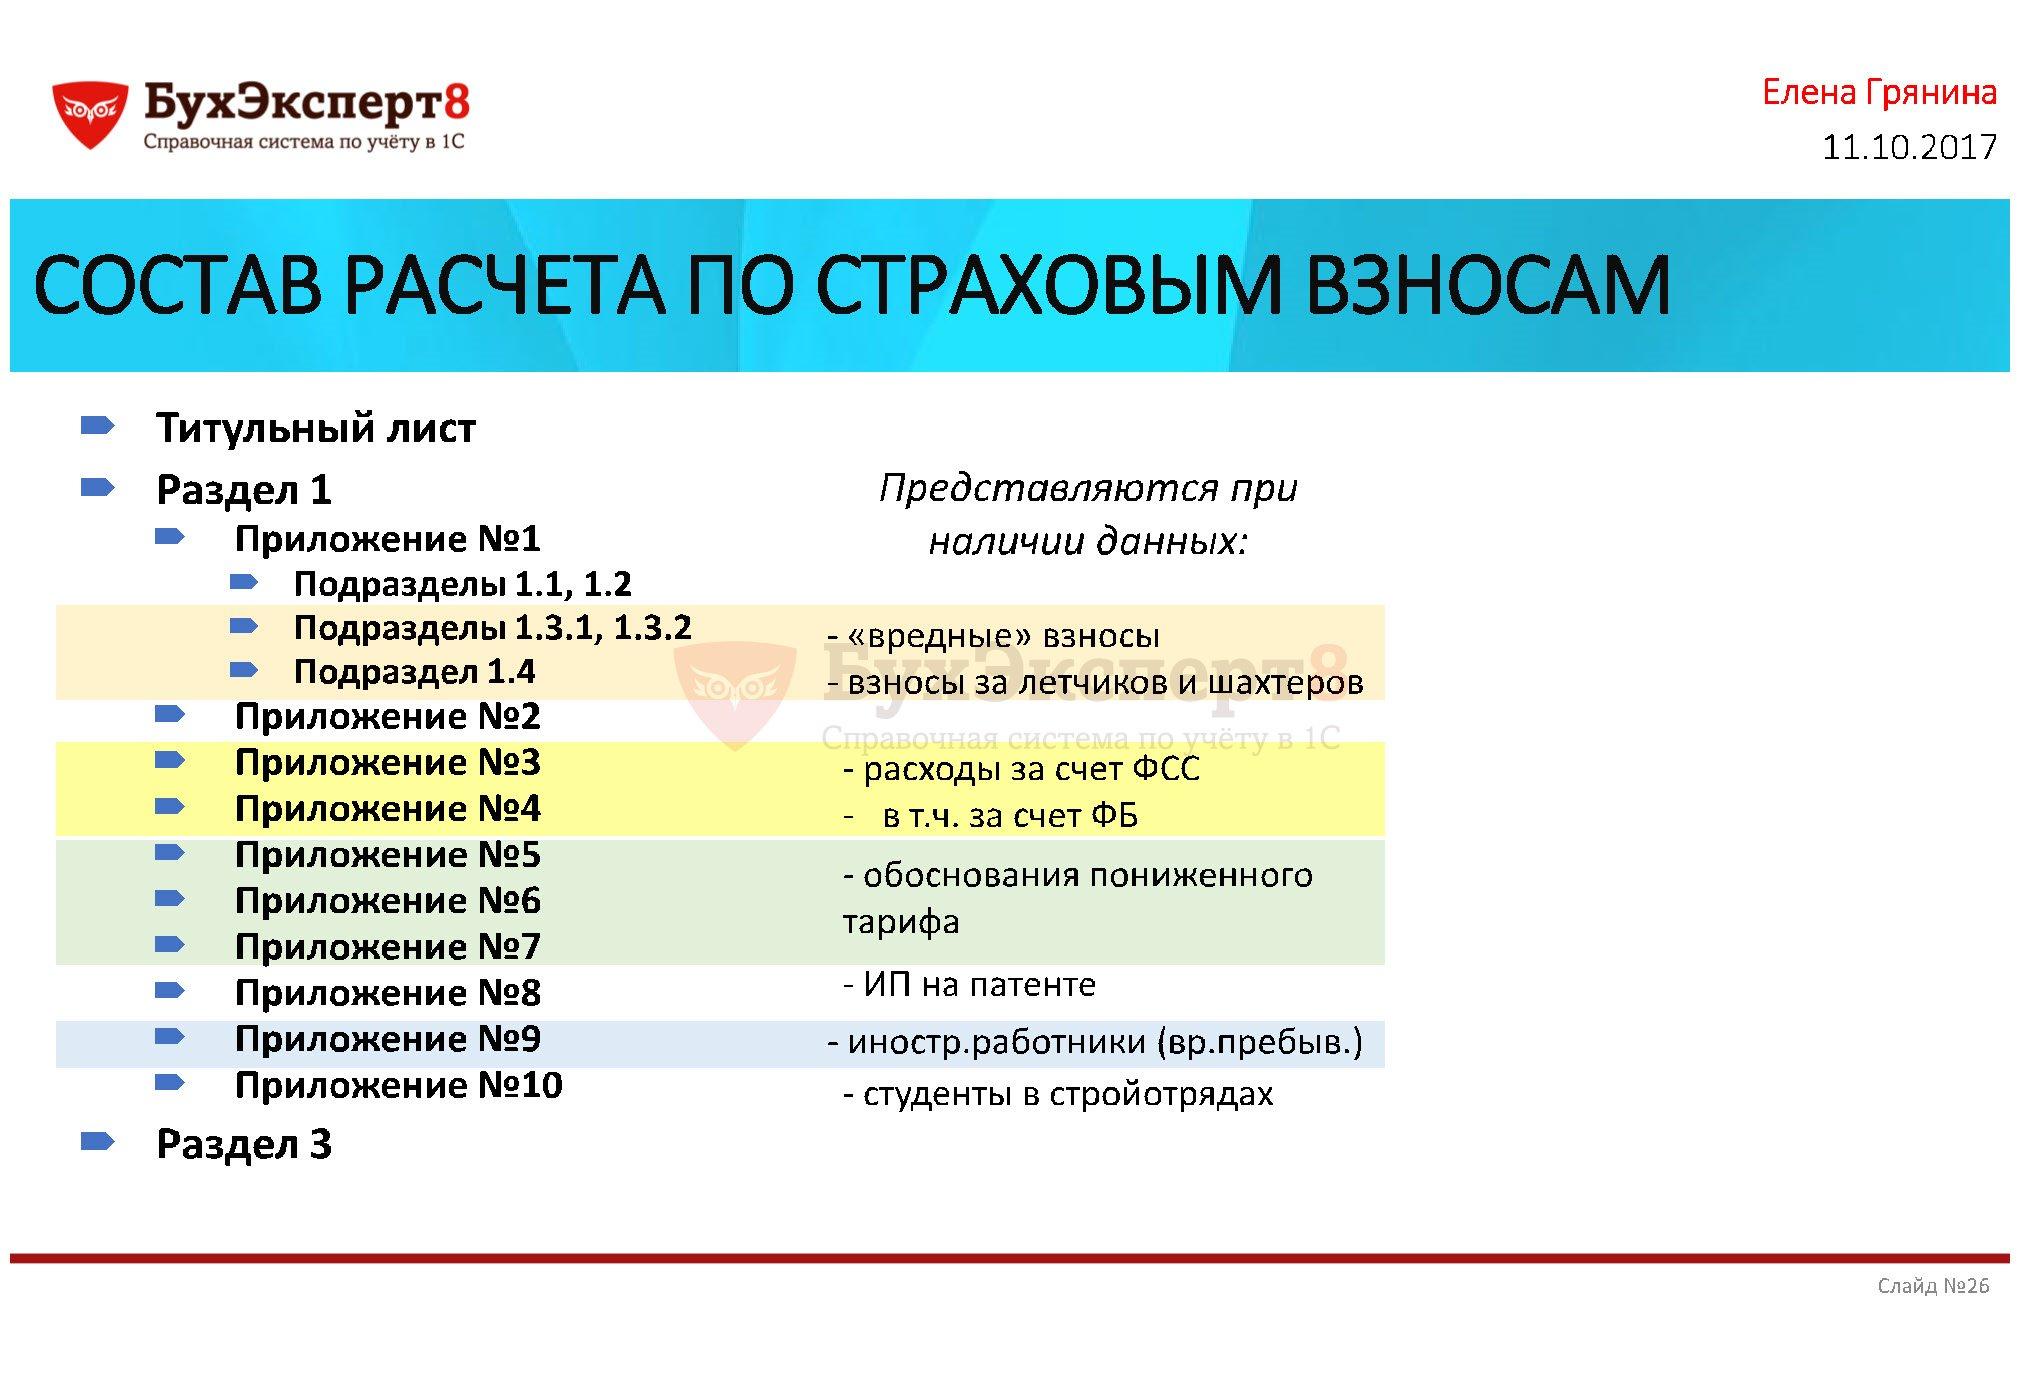 СОСТАВ РАСЧЕТА ПО СТРАХОВЫМ ВЗНОСАМ Титульный лист Раздел 1 Приложение №1 Подразделы 1.1, 1.2 Подразделы 1.3.1, 1.3.2 Подраздел 1.4 Приложение №2 Приложение №3 Приложение №4 Приложение №5 Приложение №6 Приложение №7 Приложение №8 Приложение №9 Приложение №10 Раздел 3 Представляются при наличии данных: - расходы за счет ФСС - в т.ч. за счет ФБ - обоснования пониженного тарифа - «вредные» взносы - взносы за летчиков и шахтеров - иностр.работники (вр.пребыв.) - ИП на патенте - студенты в стройотрядах